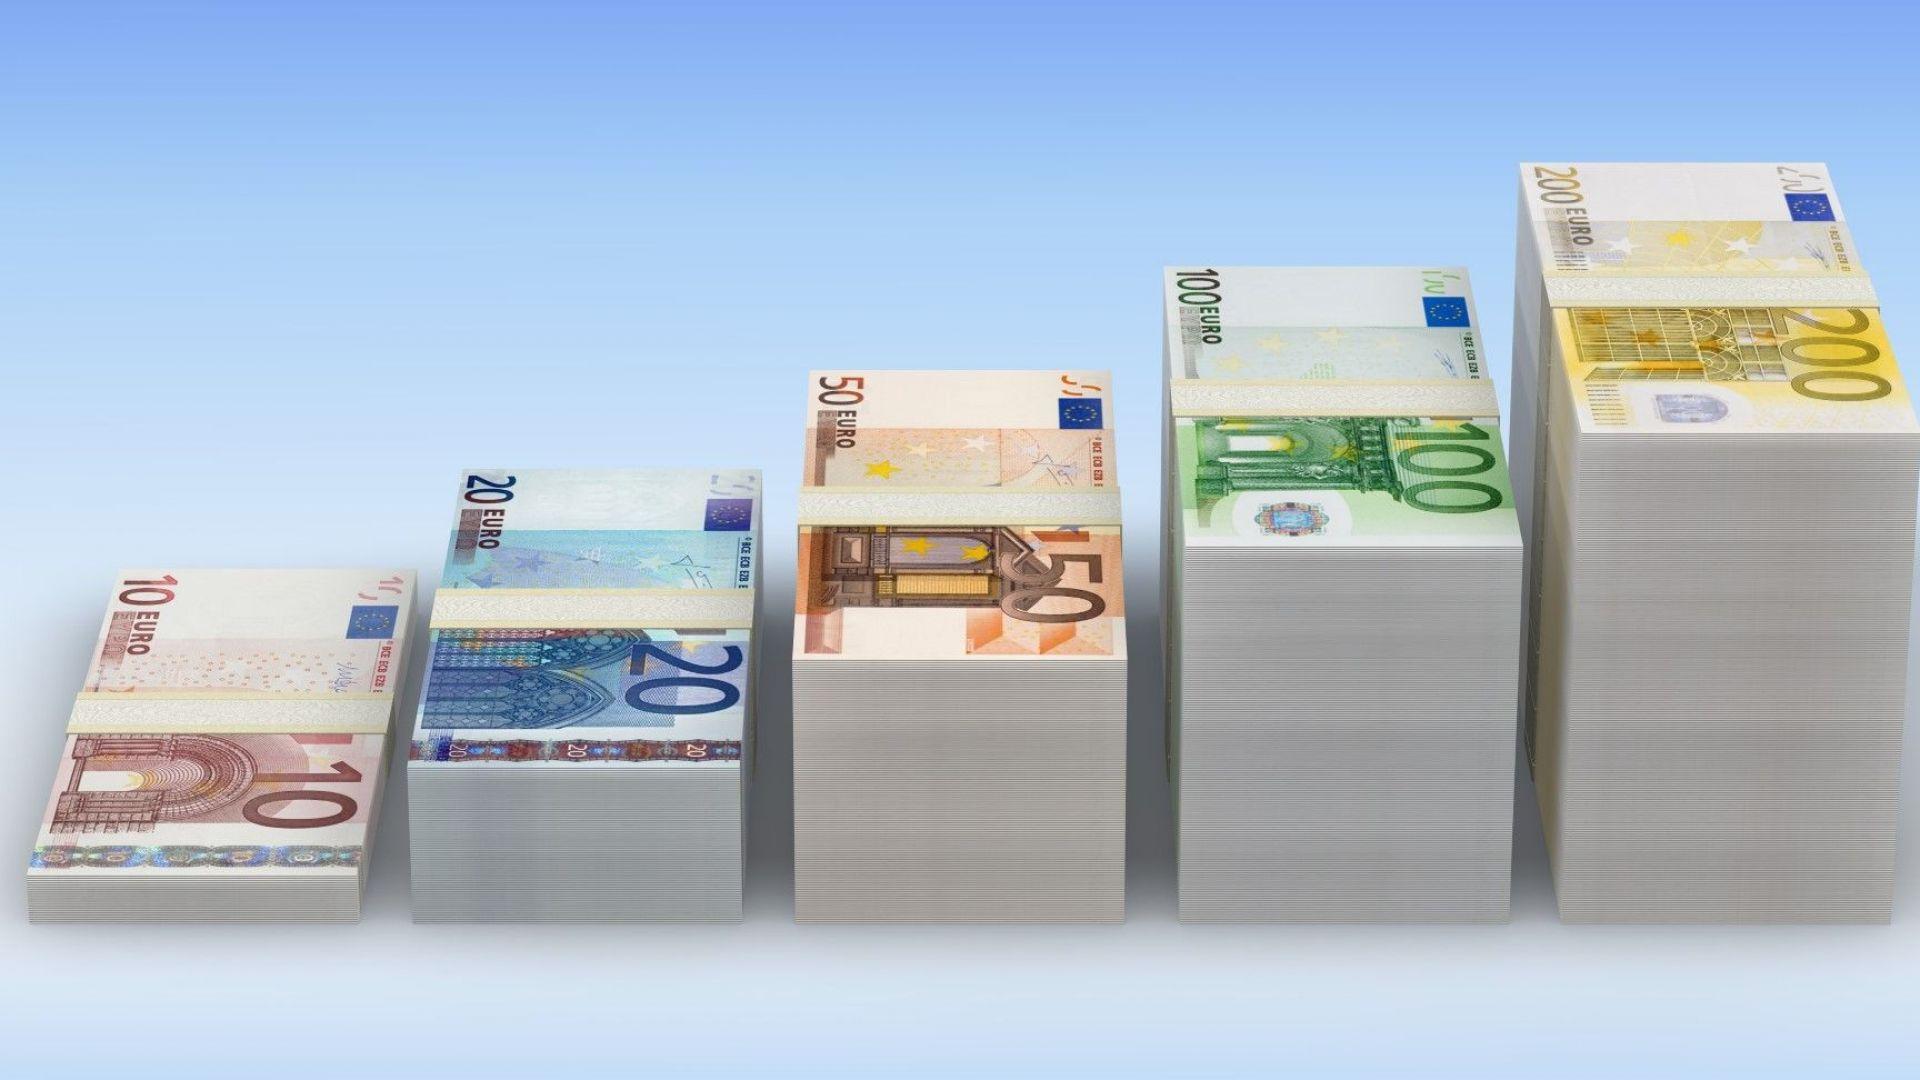 България в еврозоната: Не ни искат и ние не искаме